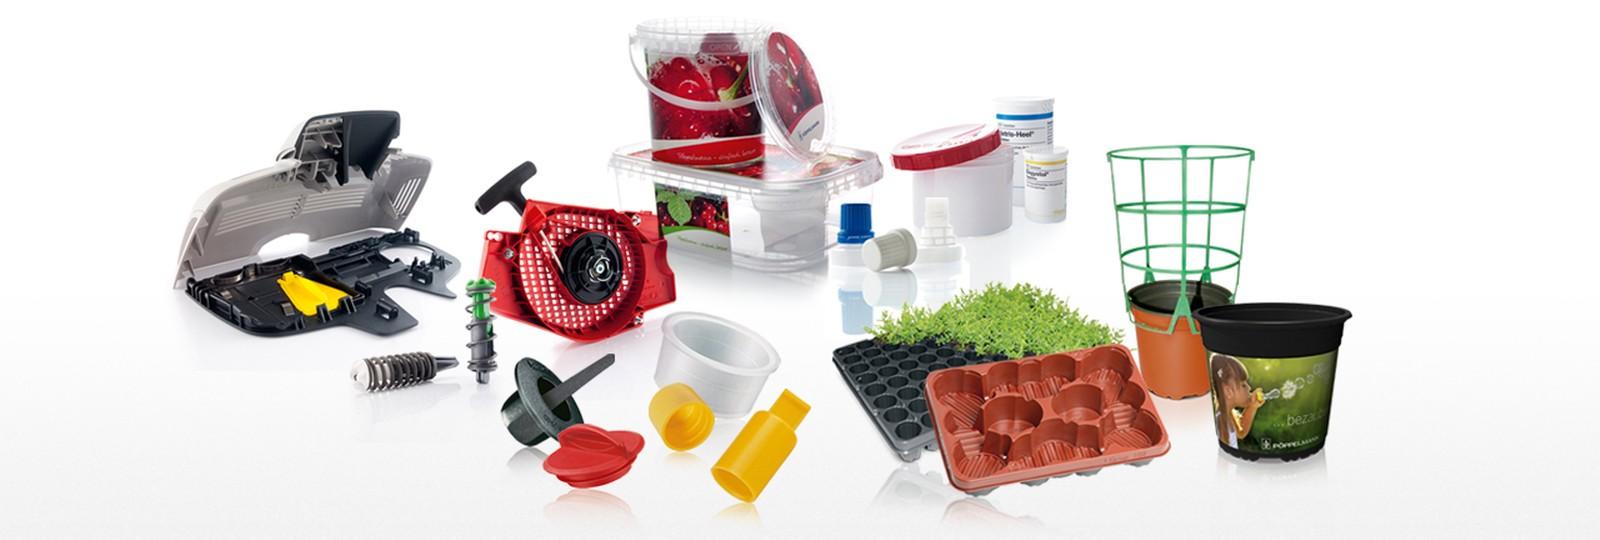 Reduce, Reuse und Recycle: Die drei Ansätze für nachhaltige Materialnutzung gelten bei Pöppelmann für die Produktion von Kunststoffprodukten aller Art.